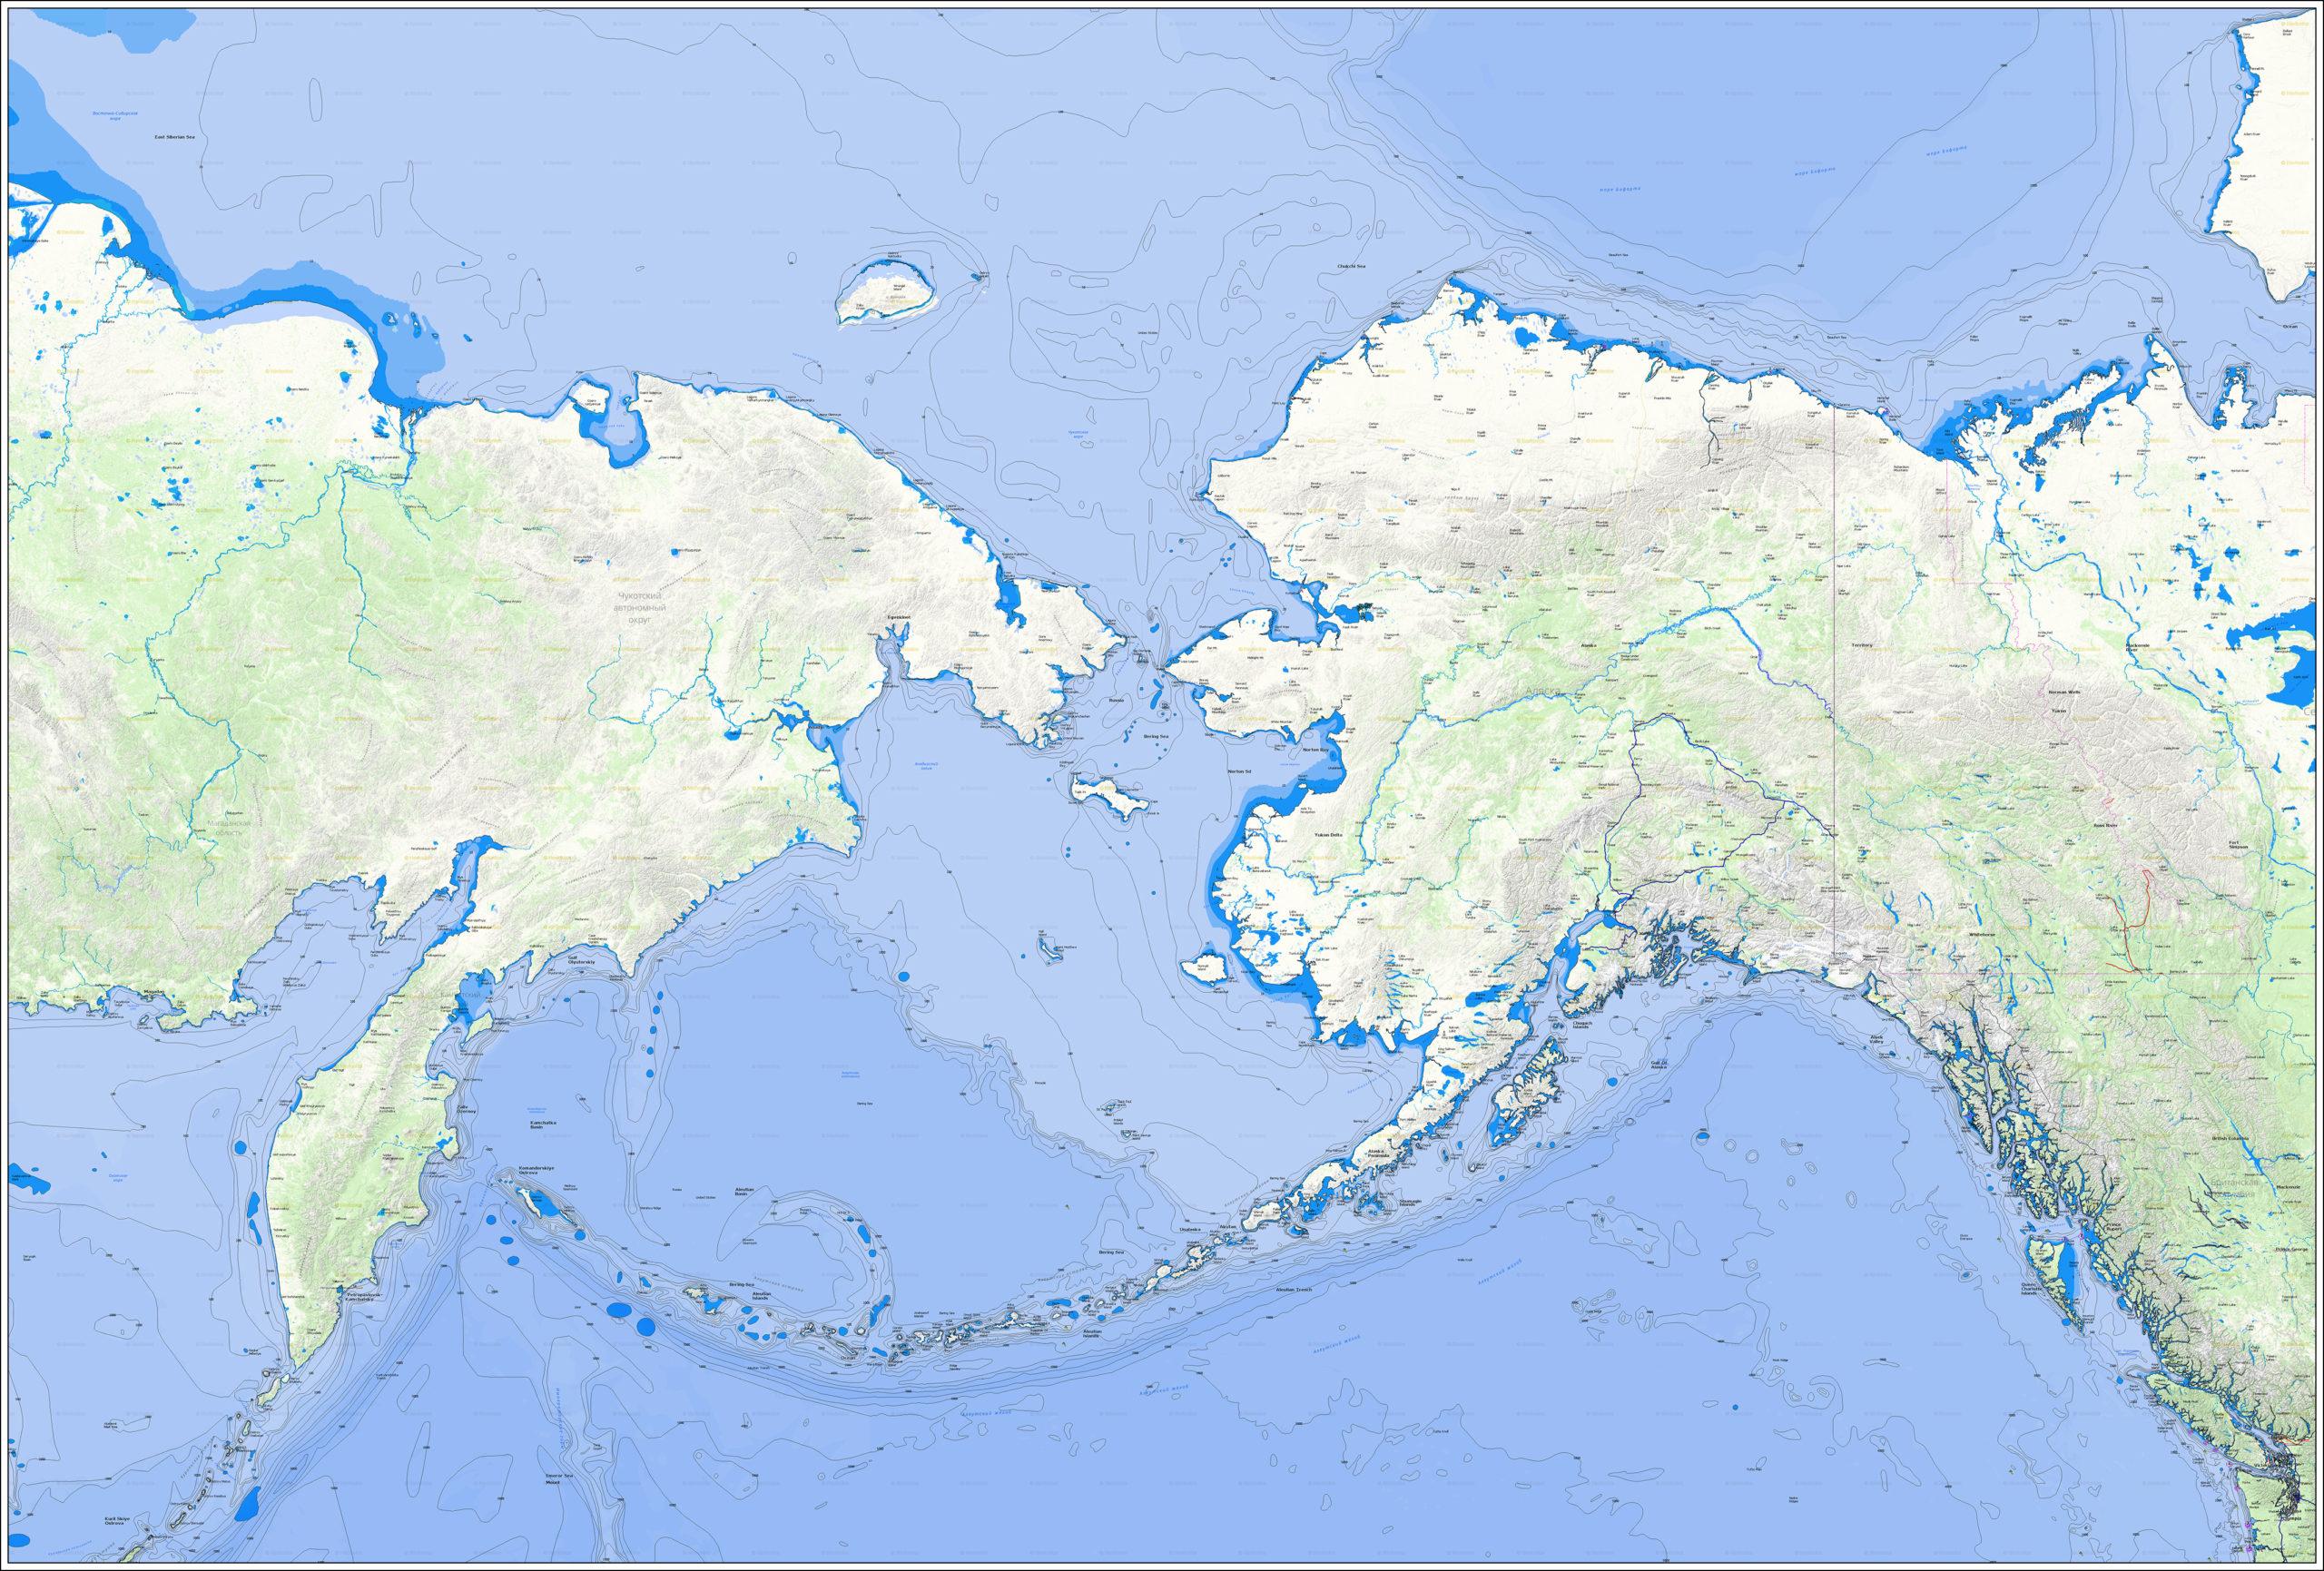 Настенная карта Чукотки и Аляски с проливом